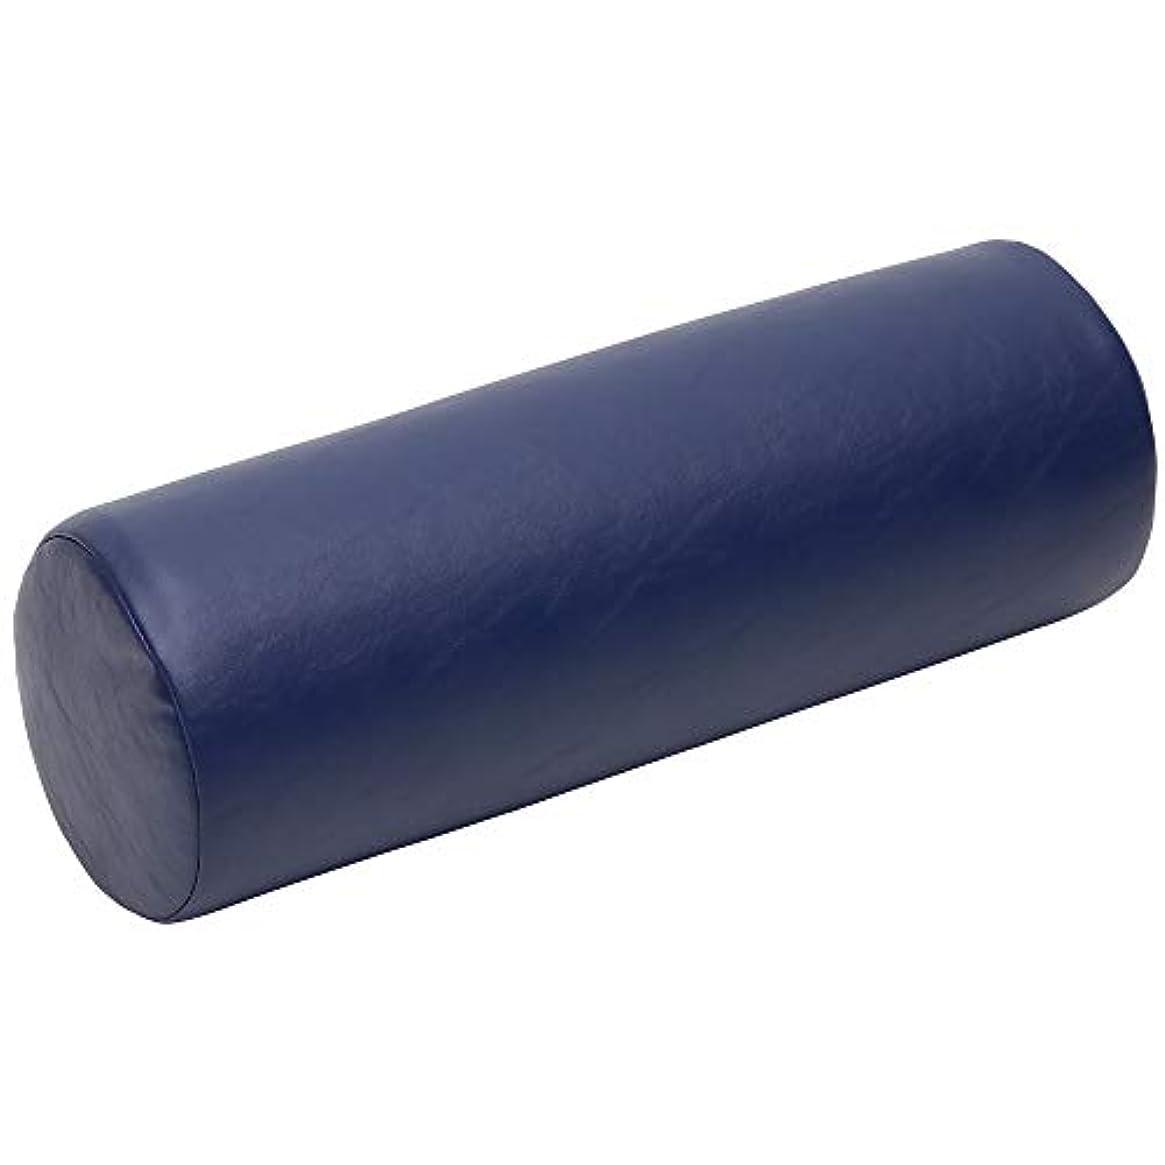 海岸かけがえのない消すLLOYD (ロイド) ダッチマンロール 【円柱型】 マッサージ クッション 椎間板 の 施術 足首 の支え 側臥位 の際の 枕 にも最適 (ネイビー)